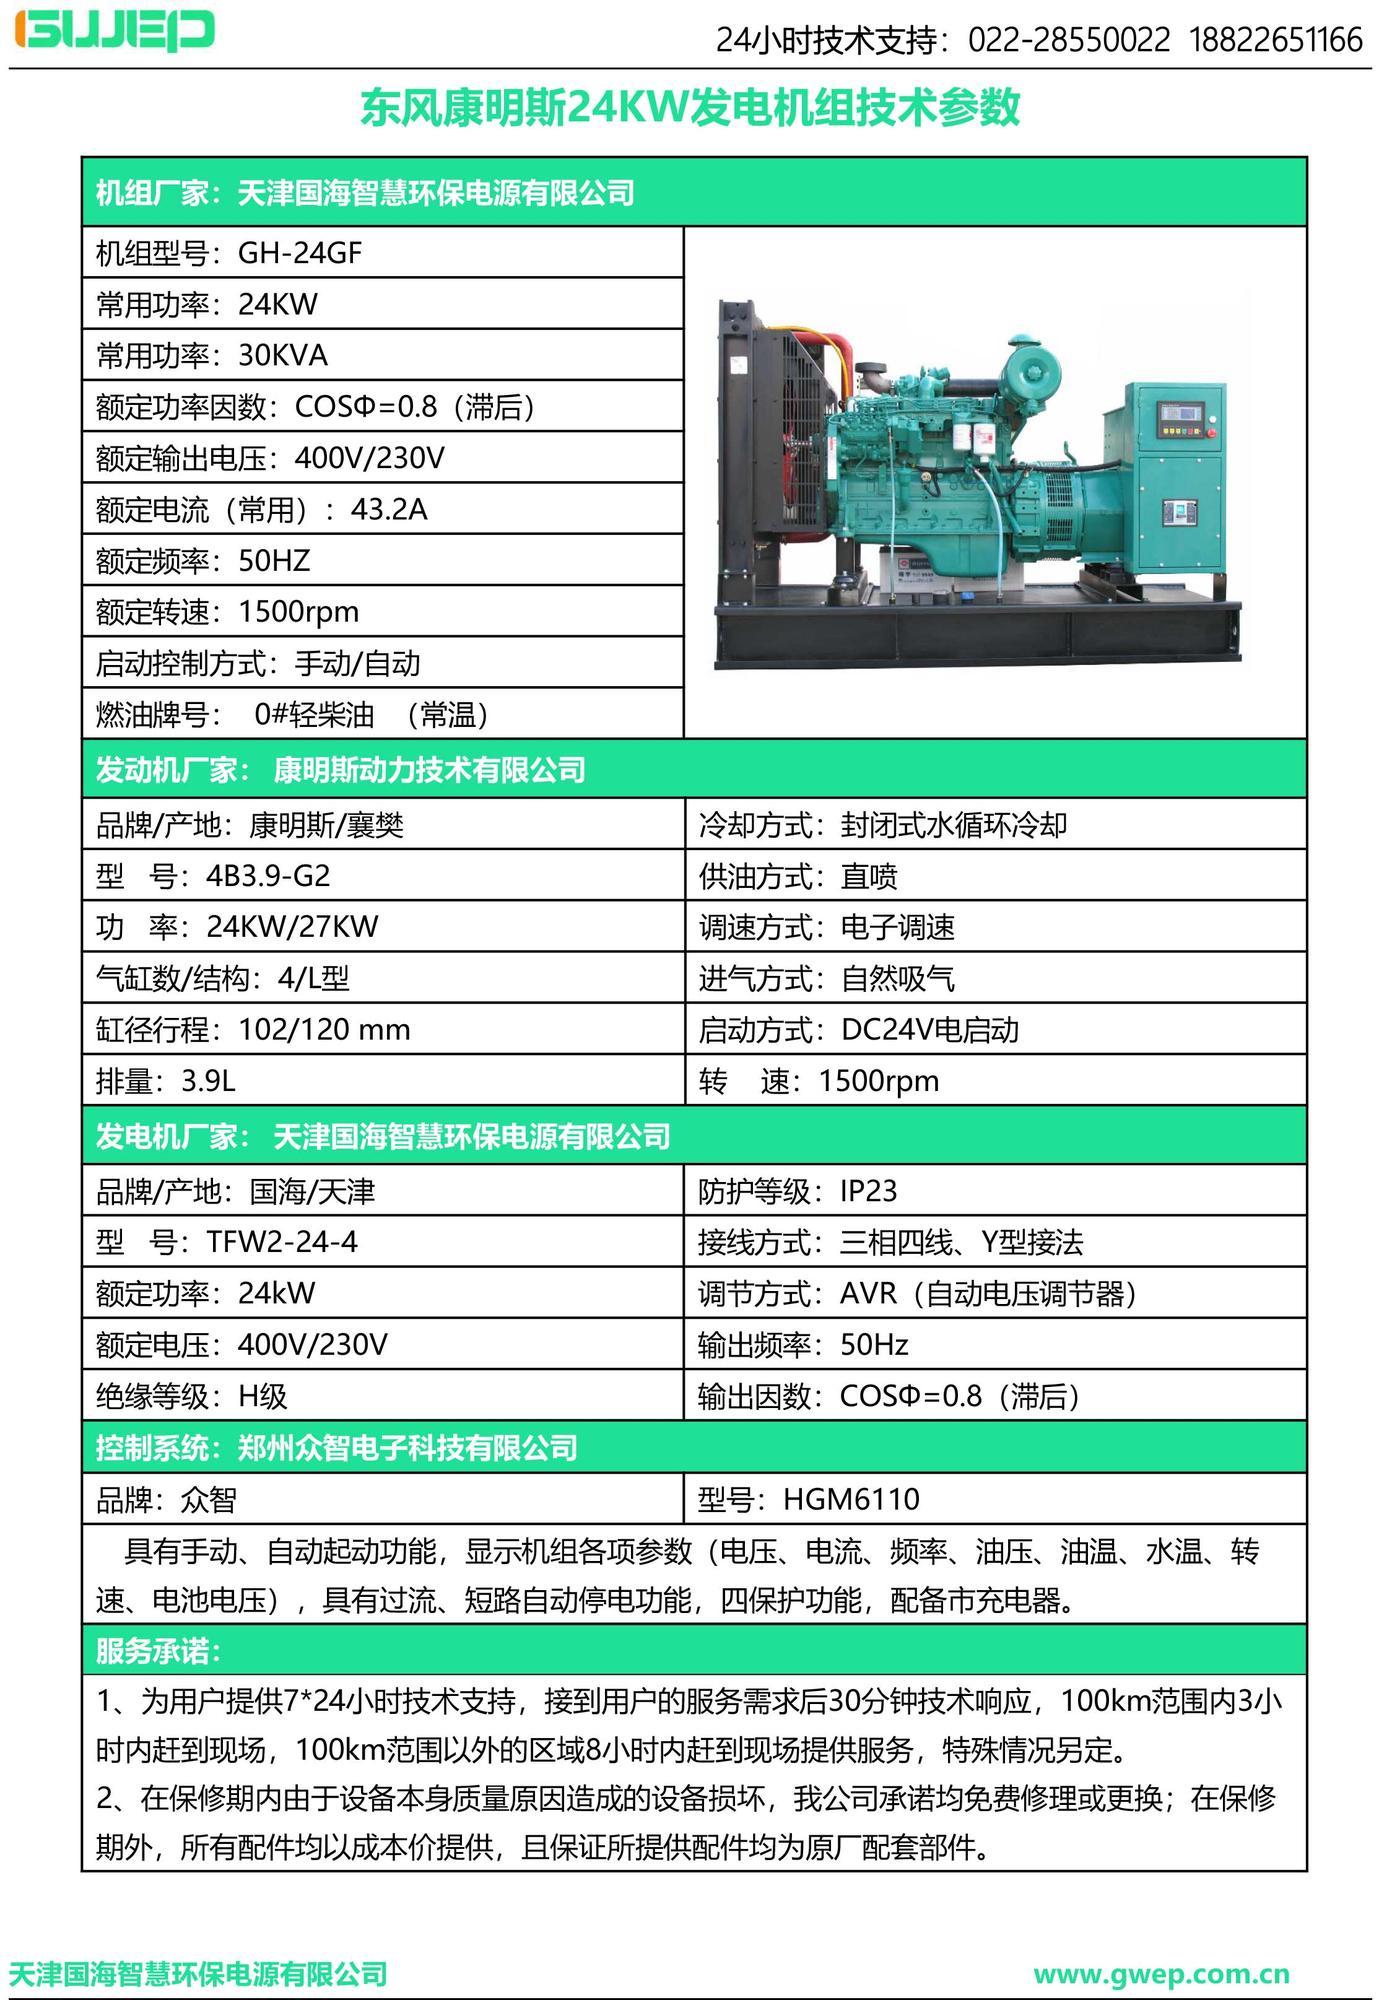 康明斯24KW发电机组技术资料-2.jpg